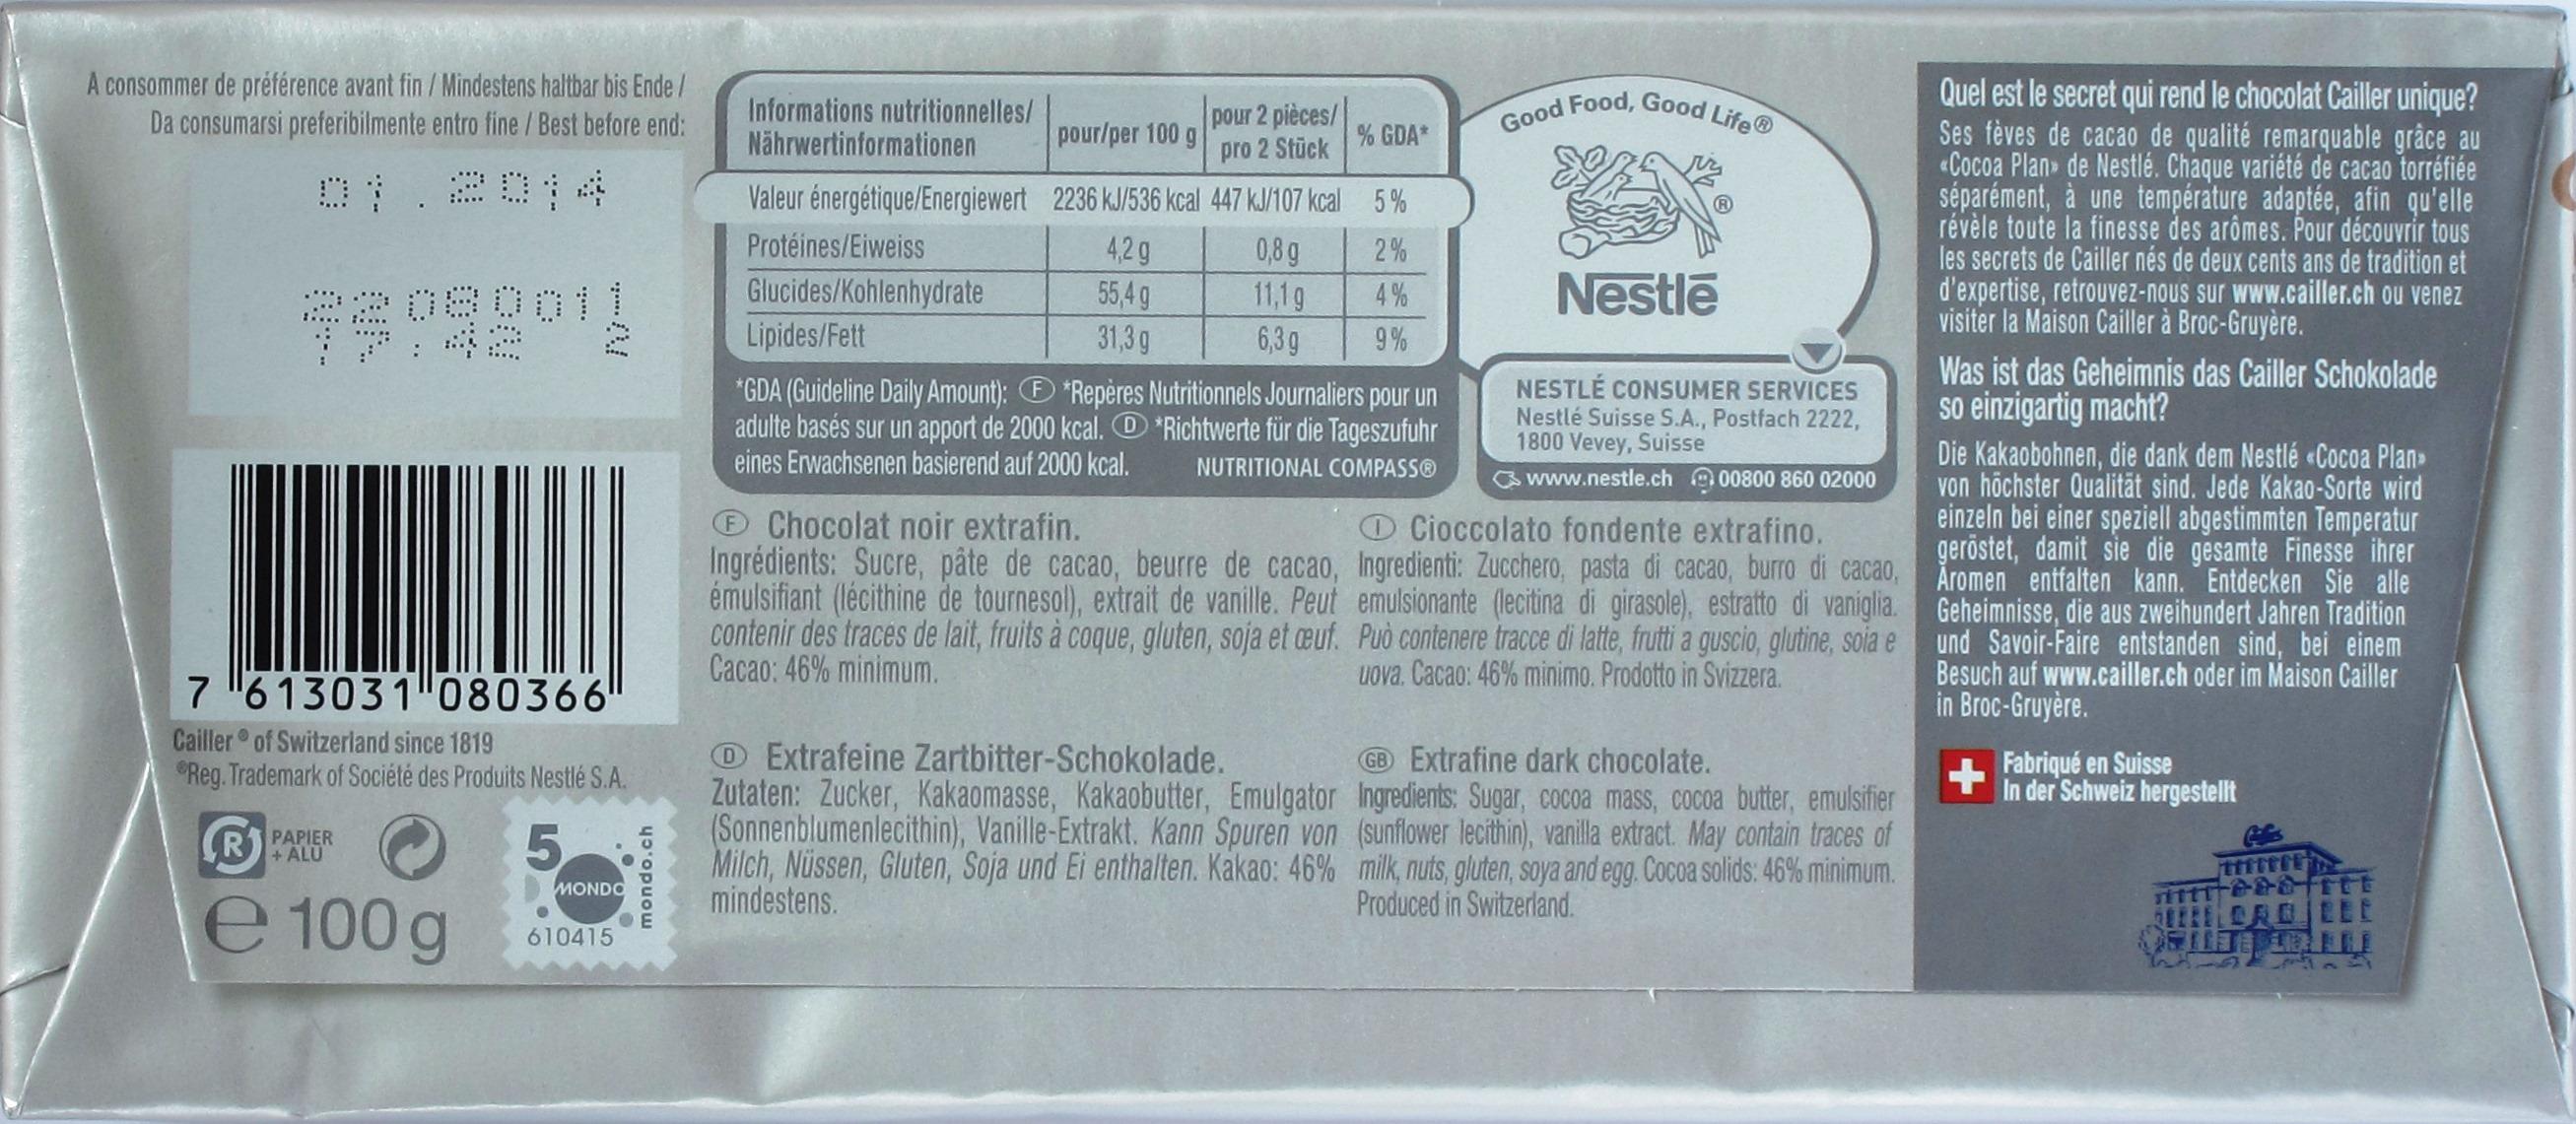 Cailler-Zartbitterschokolade, Rückseite